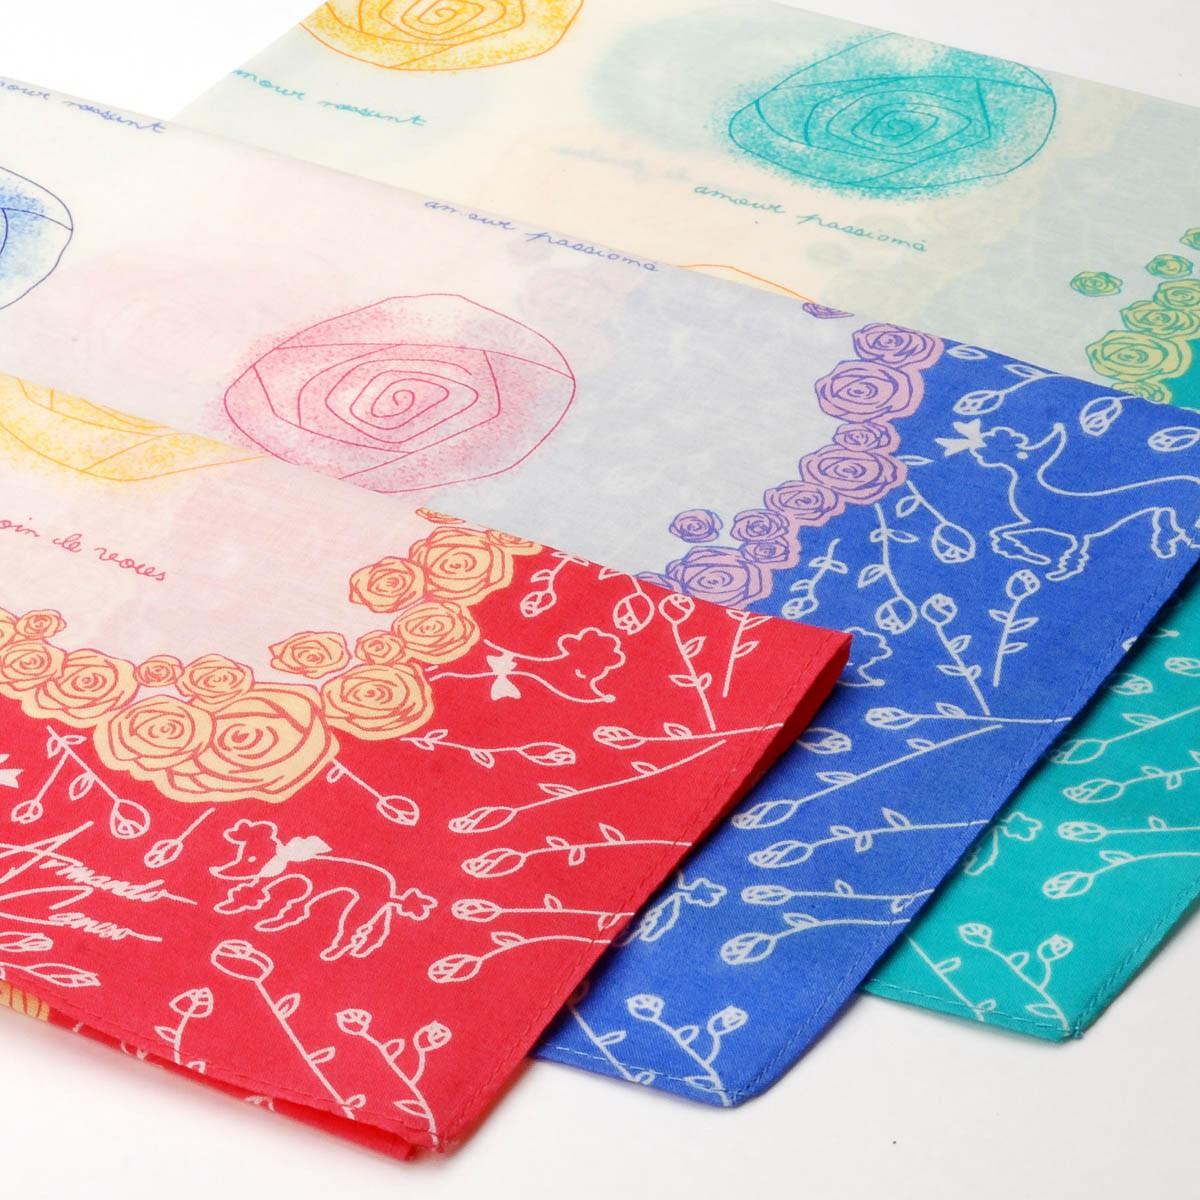 mouchoir pour femmes amore merrysquare n 1 des mouchoirs en tissu. Black Bedroom Furniture Sets. Home Design Ideas